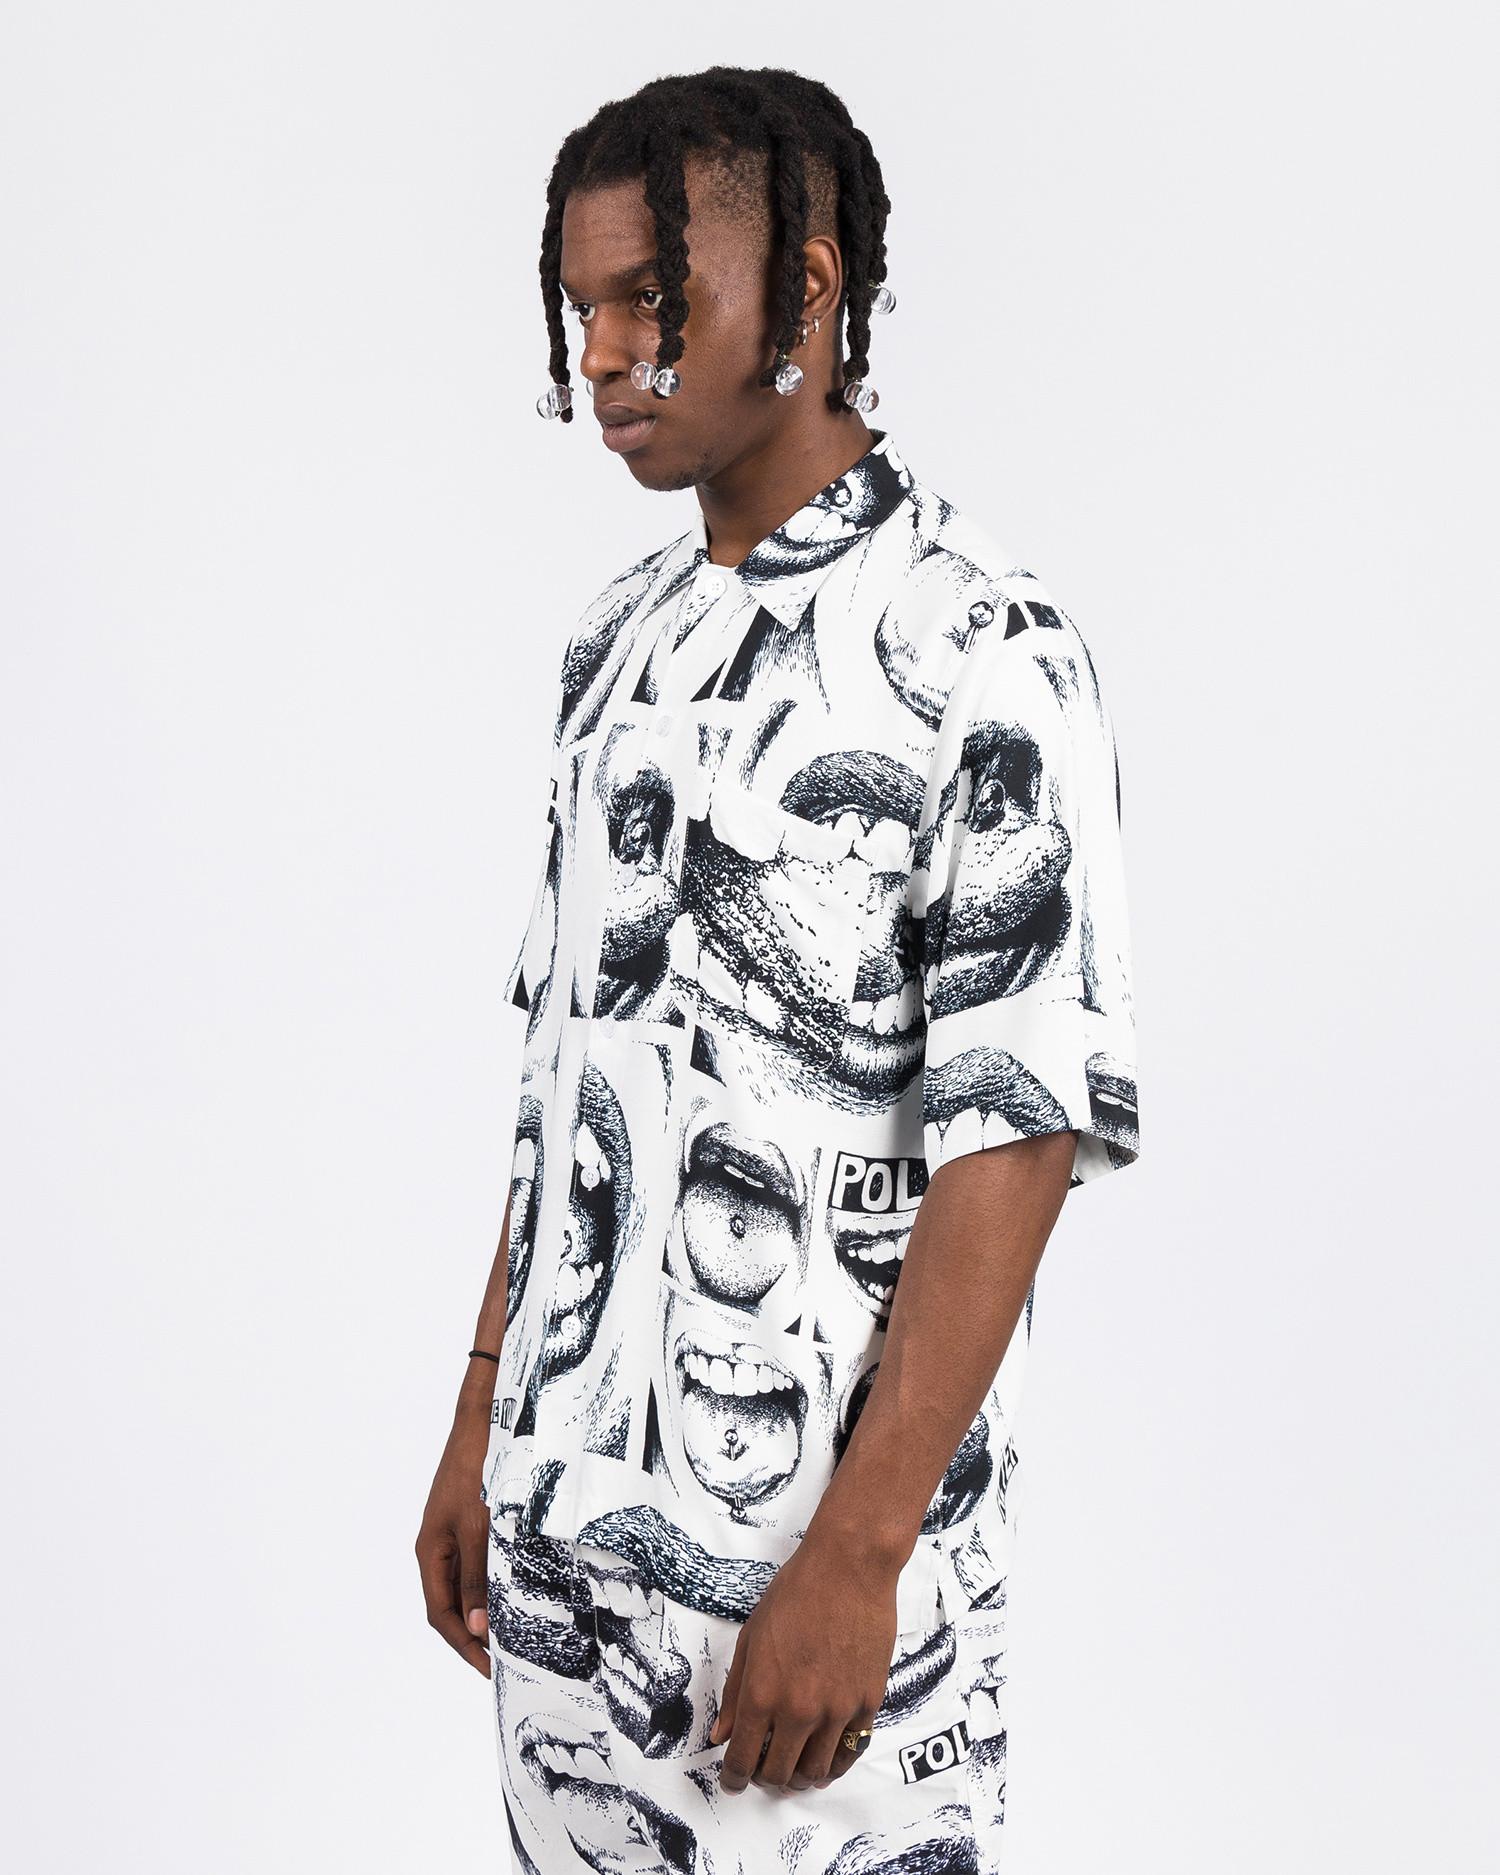 Polar X Iggy Alternative Youth Shirt White